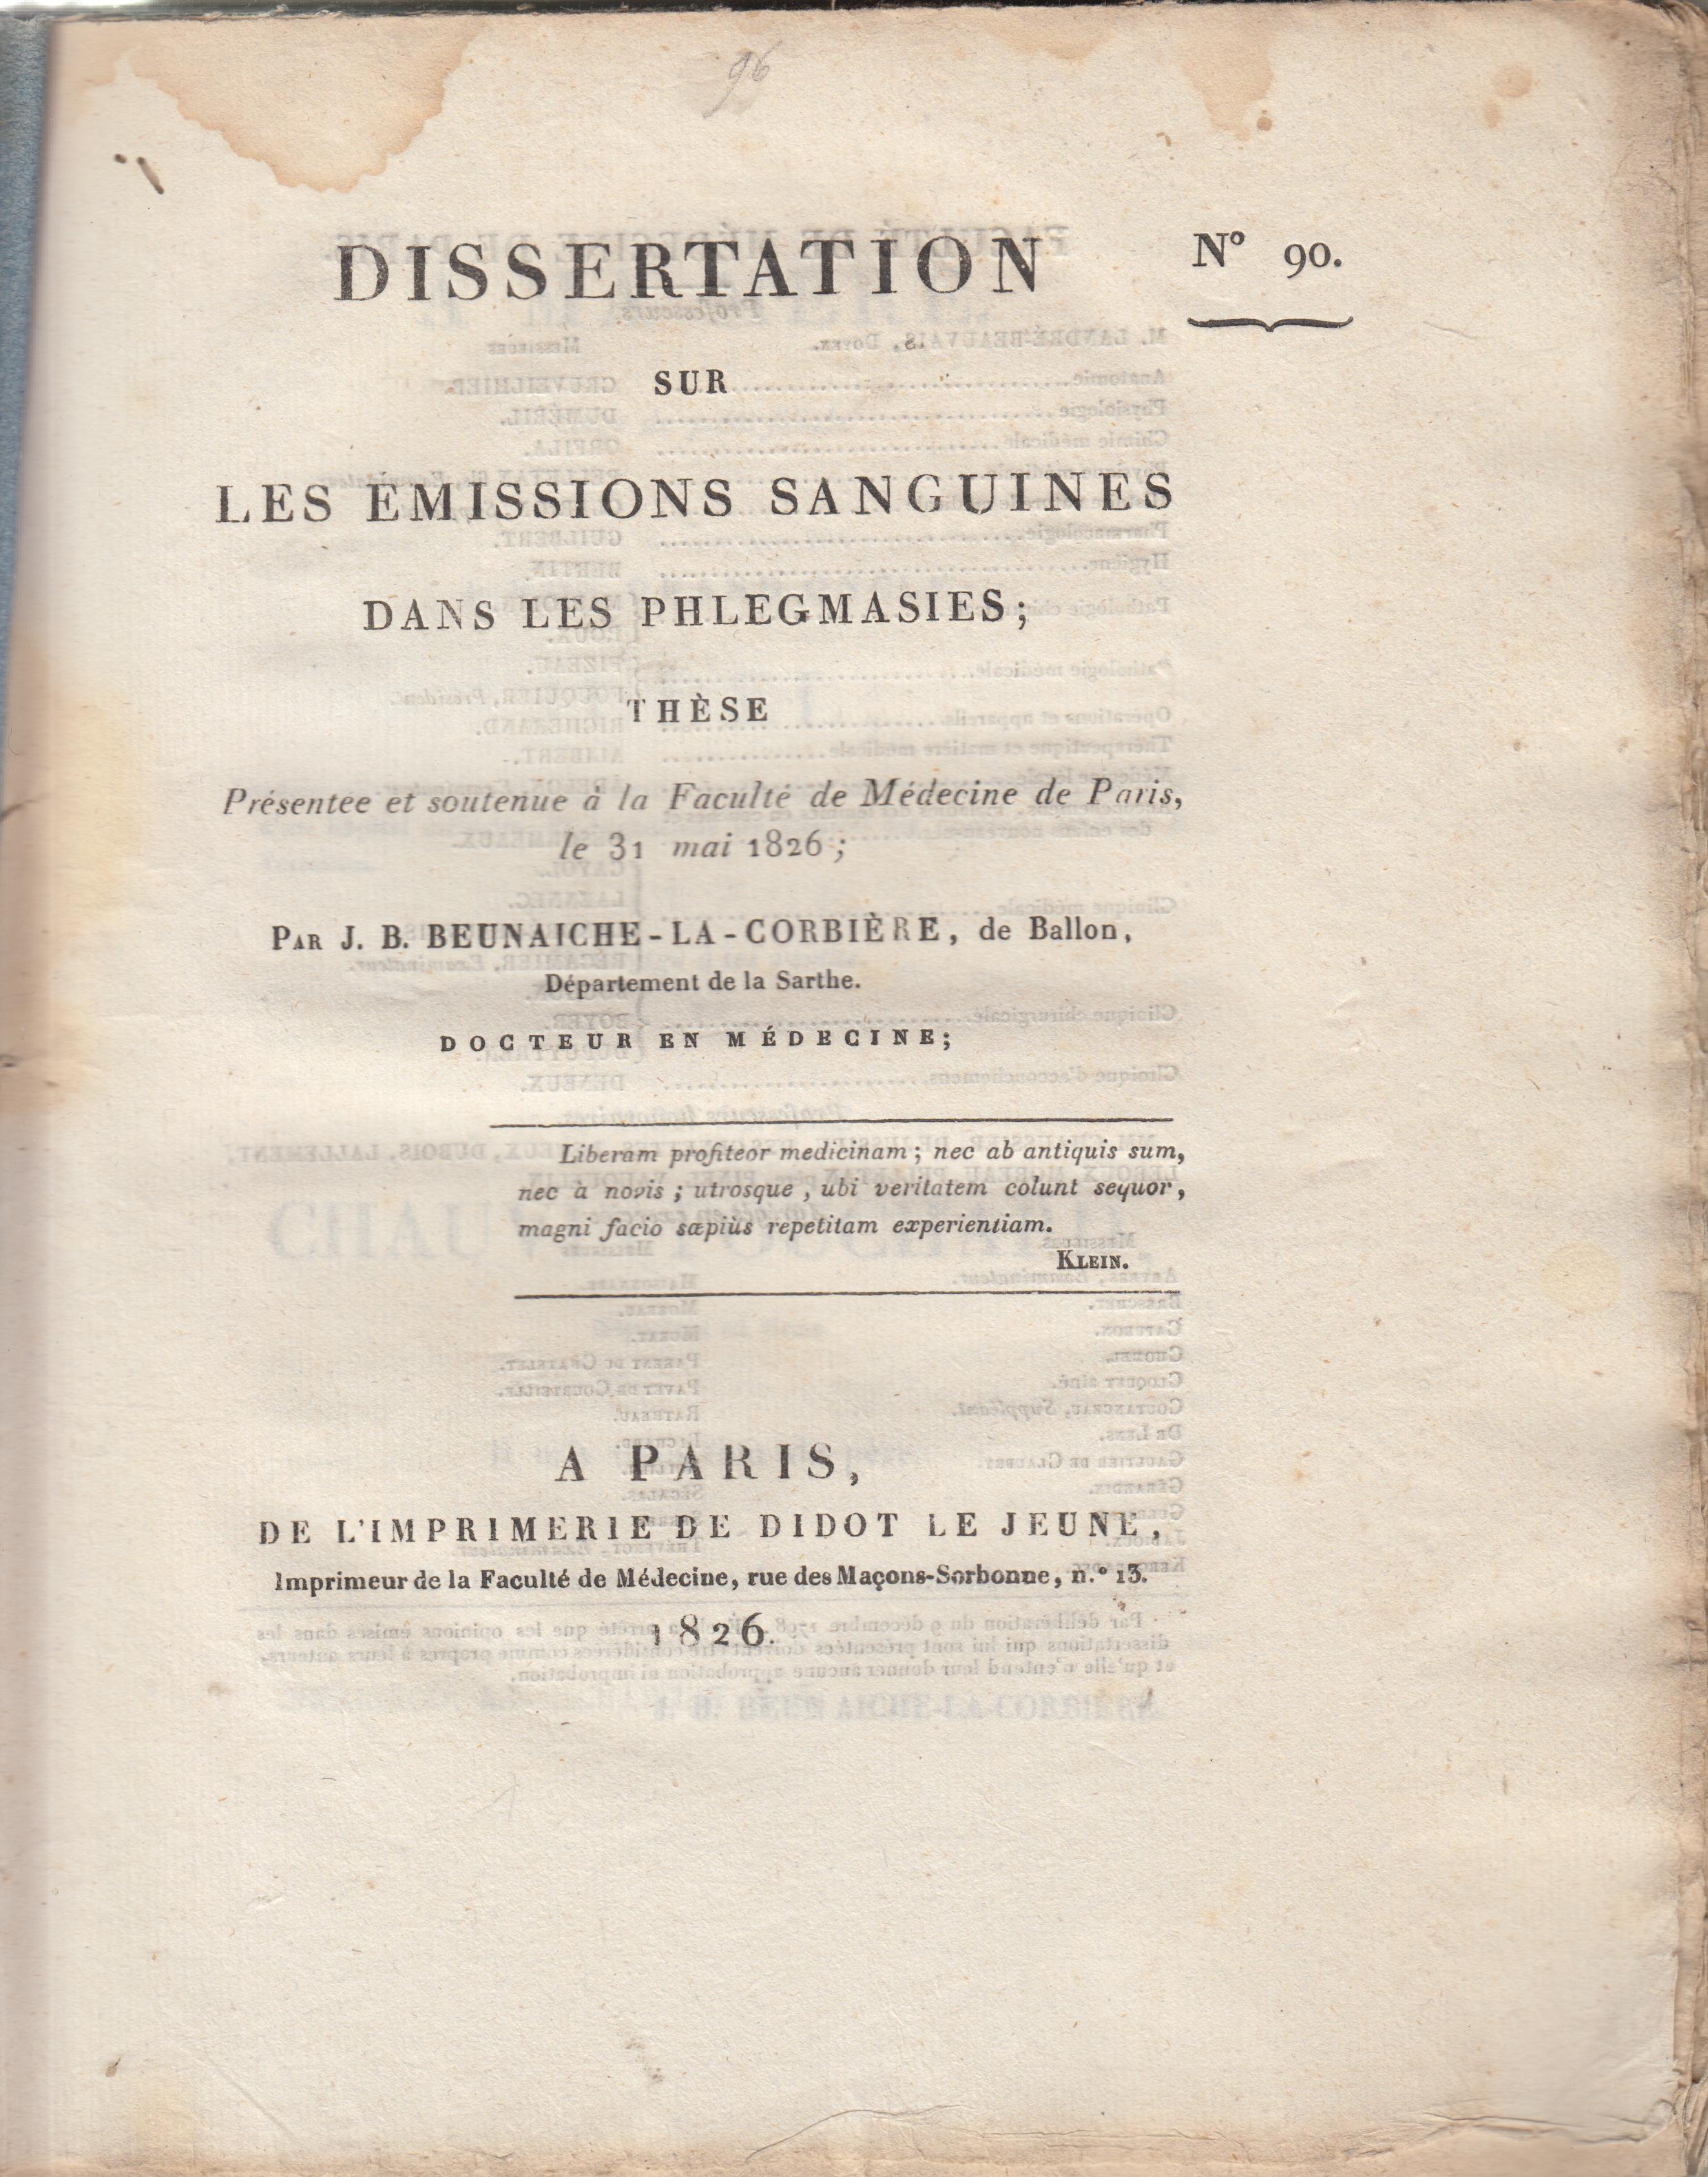 Dissertation corbiere